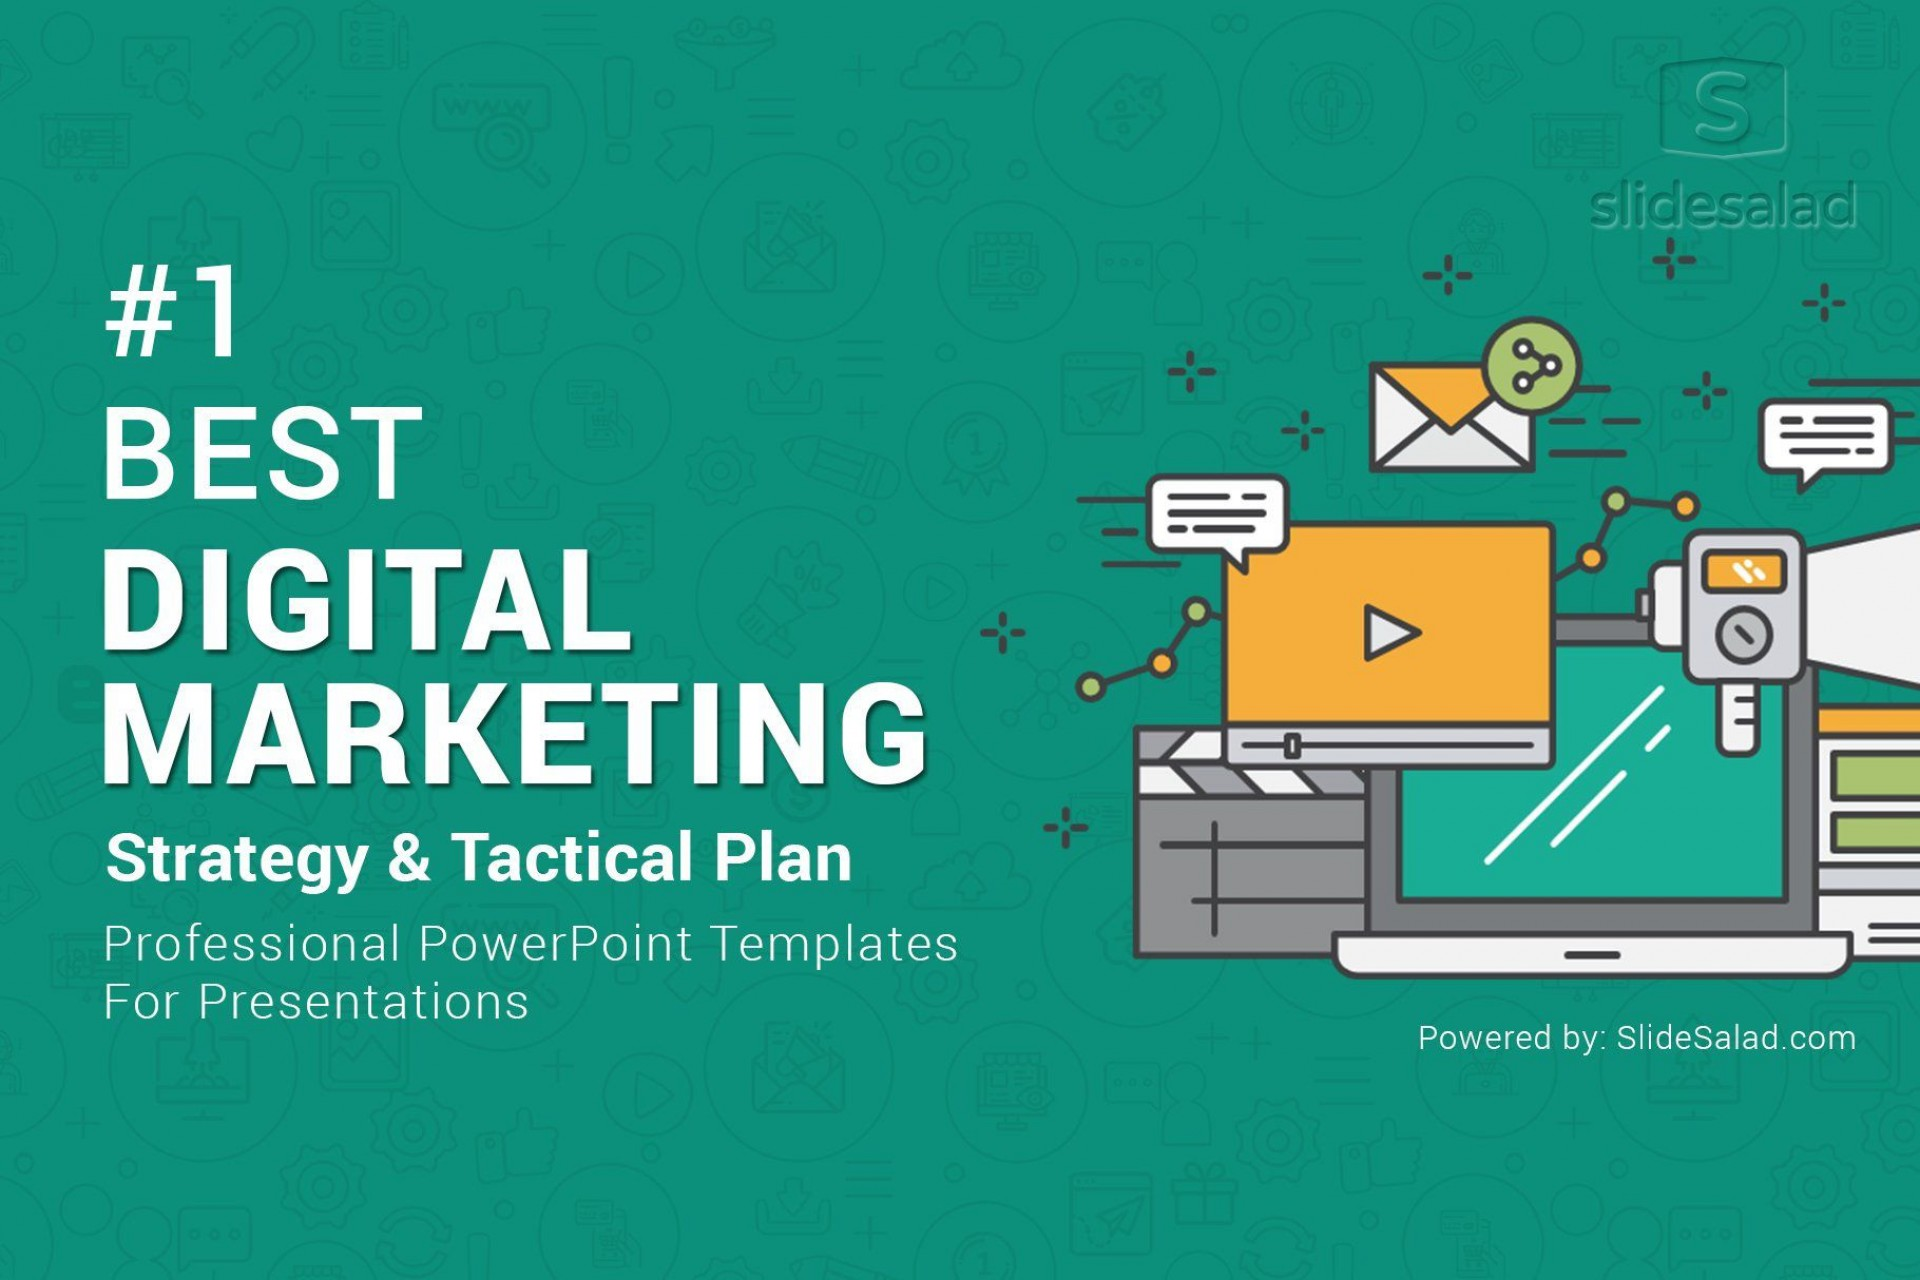 010 Marvelou Digital Marketing Plan Ppt Presentation High Definition 1920